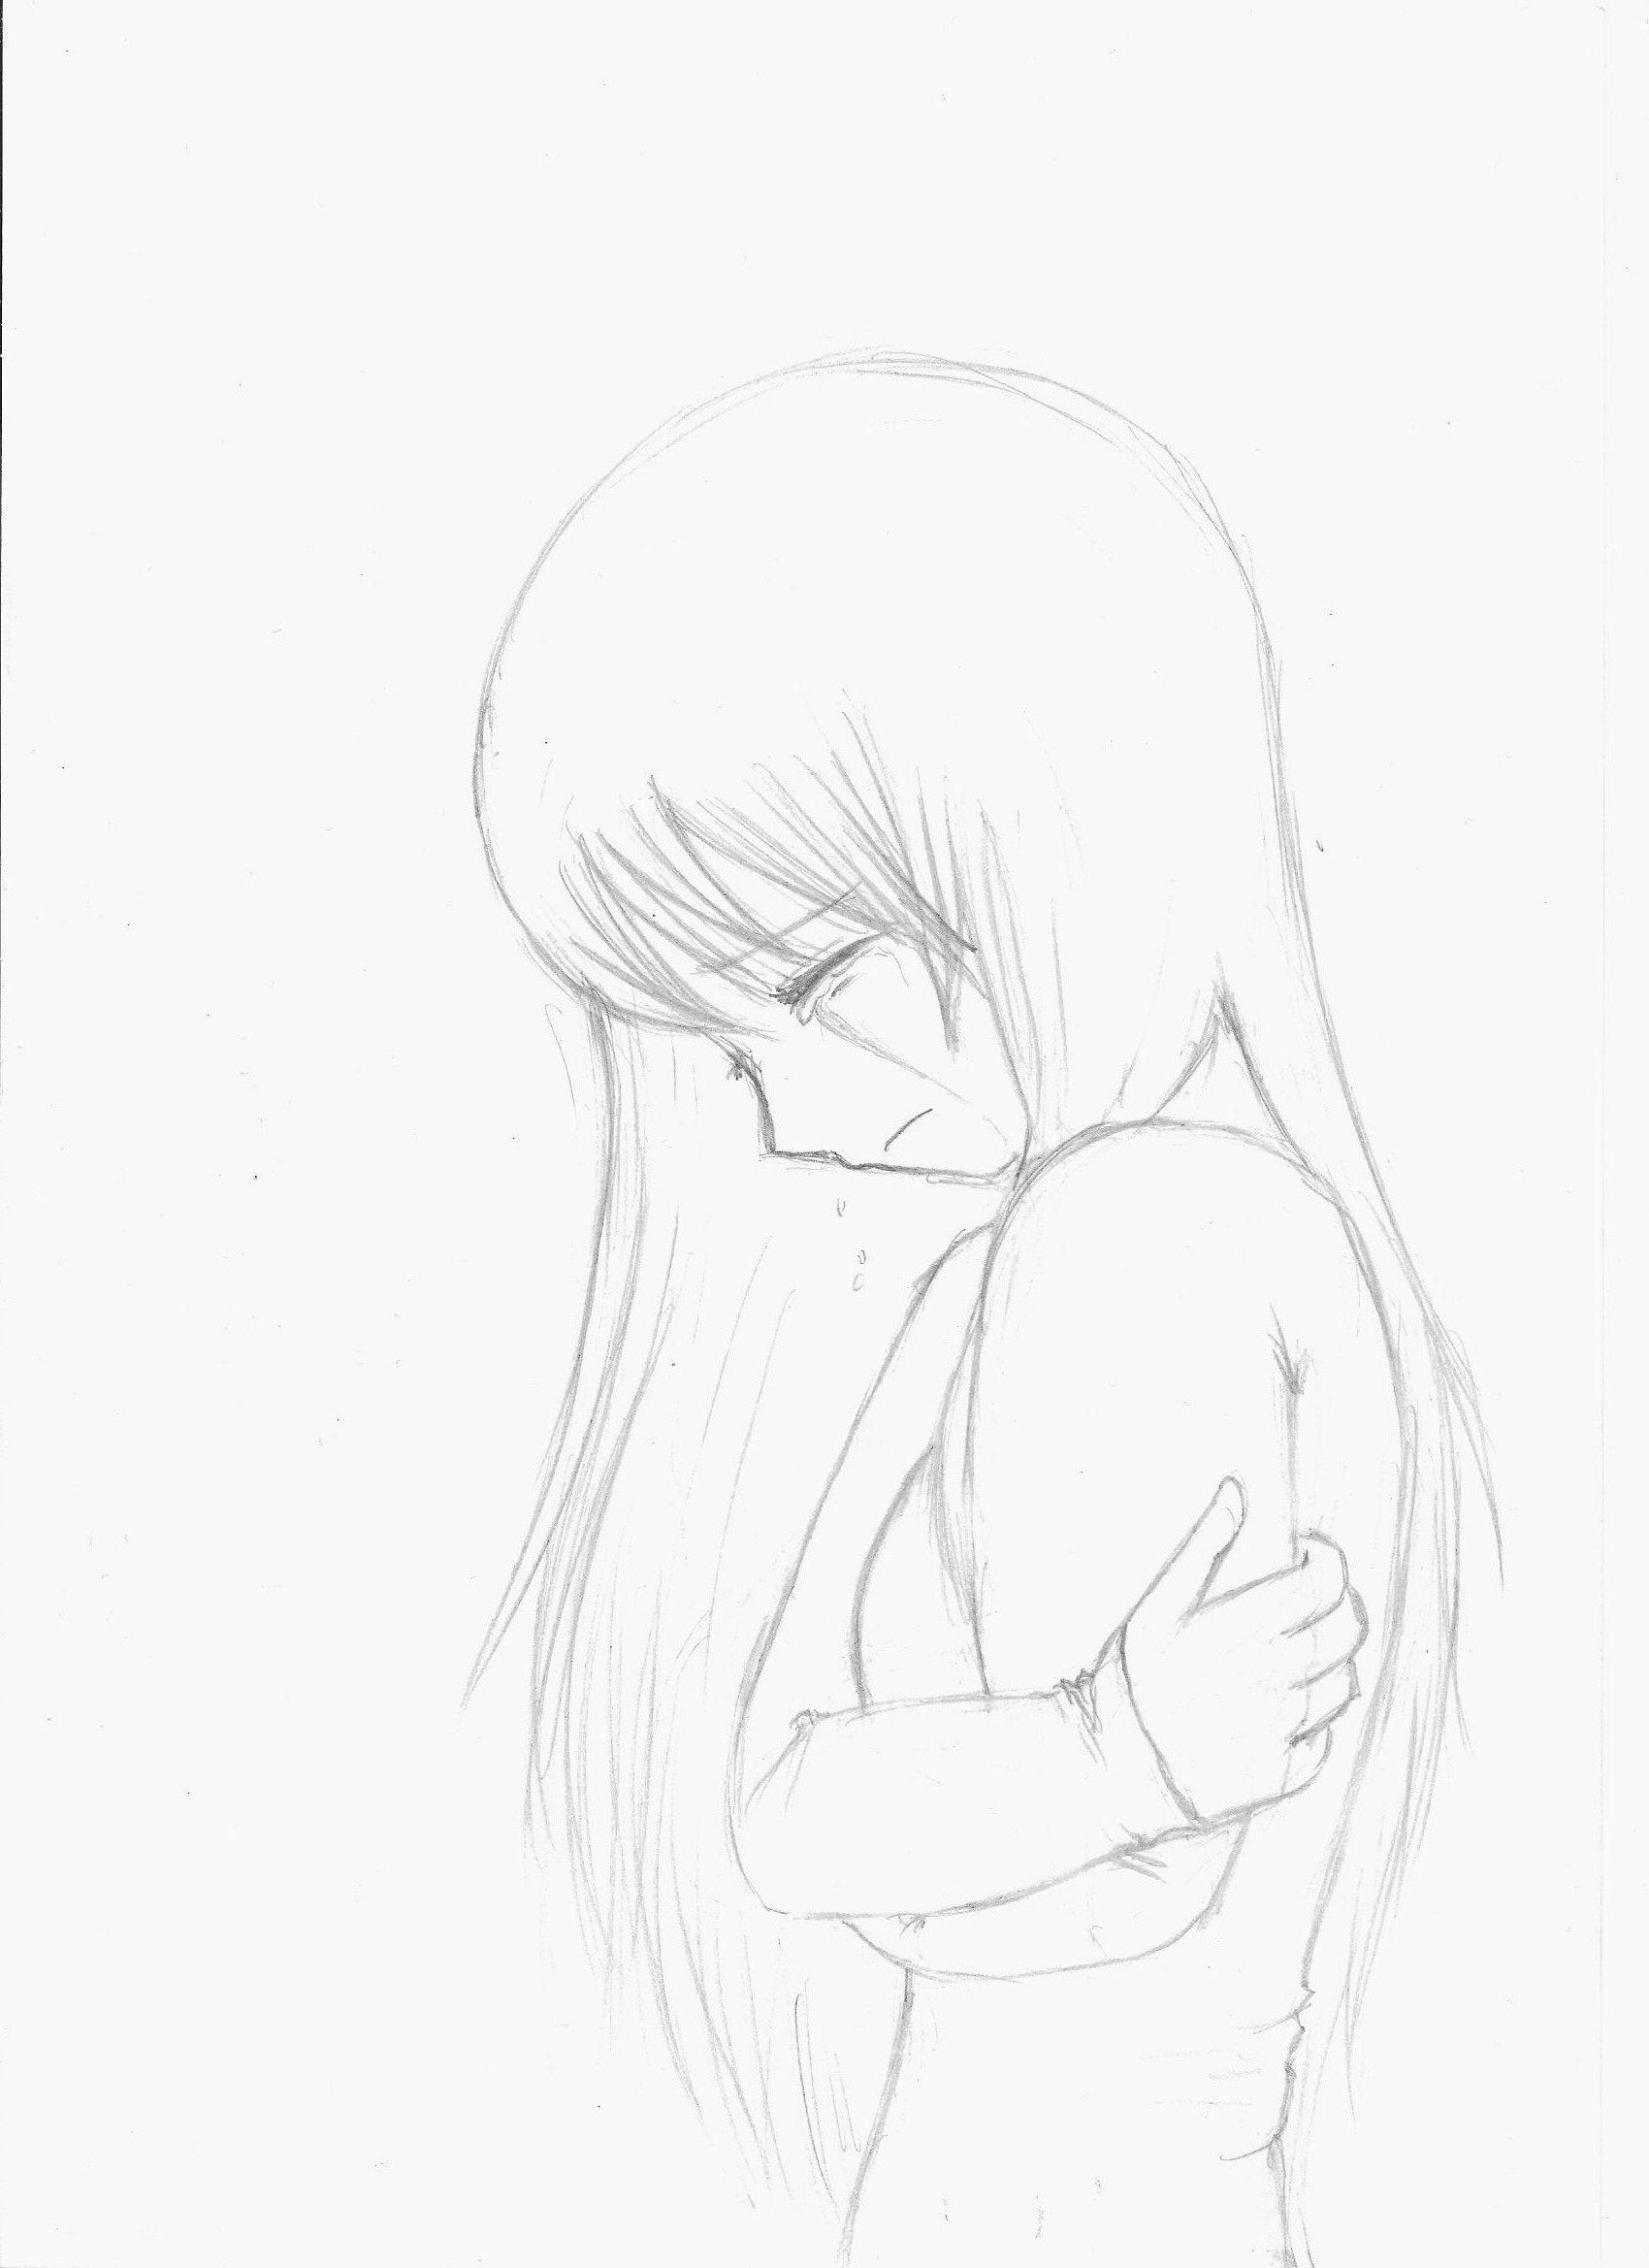 Pin by ...{{Faith}}... on Sad Anime | Pinterest | Sad ...